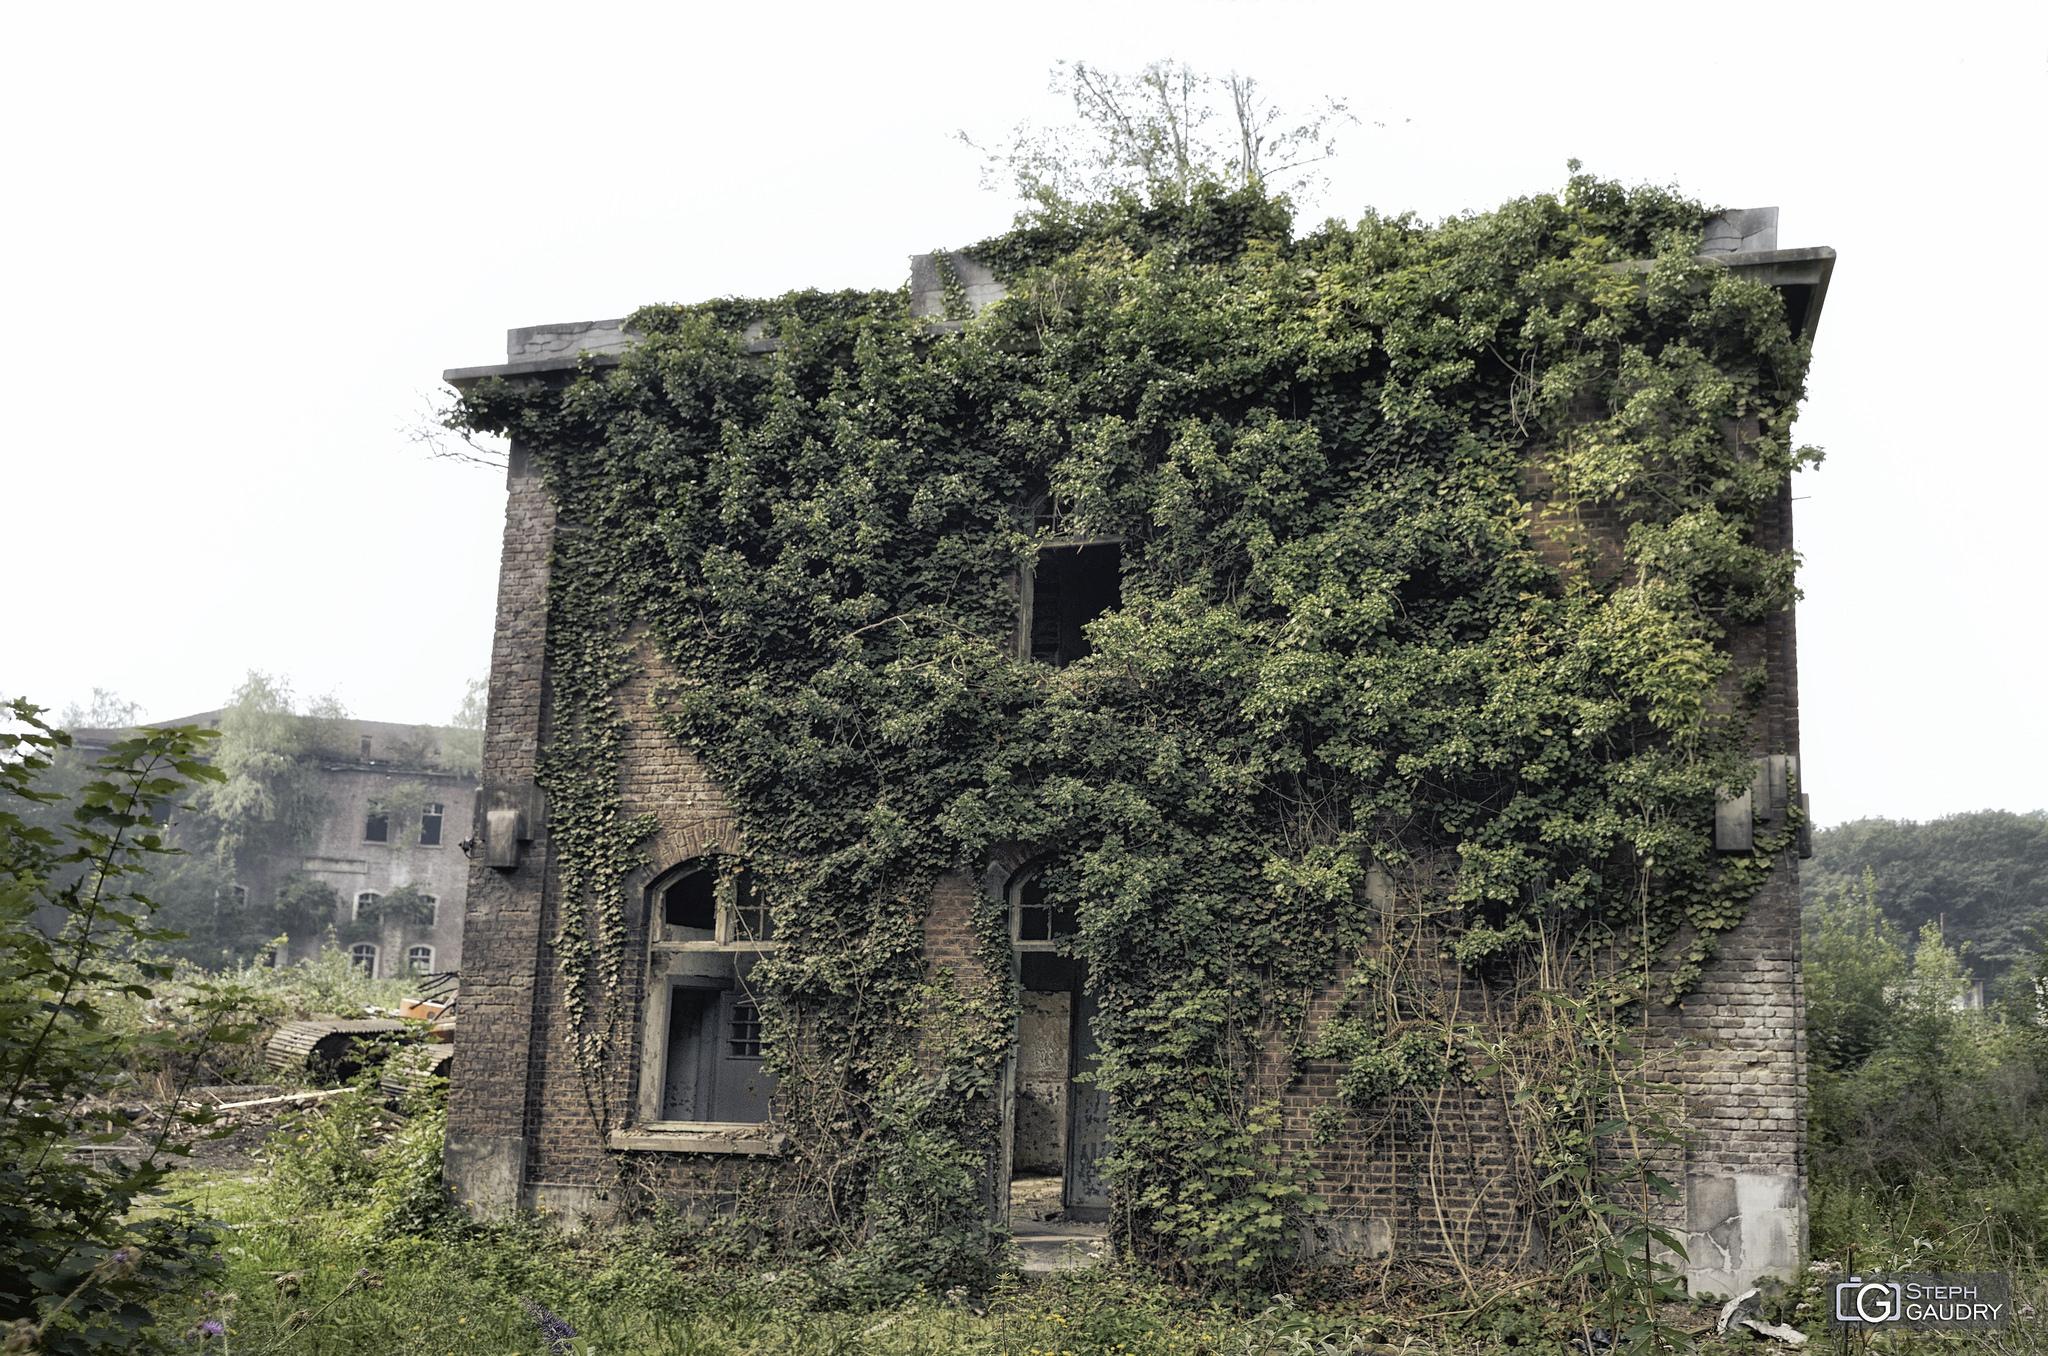 La maison au lierre [Klik om de diavoorstelling te starten]